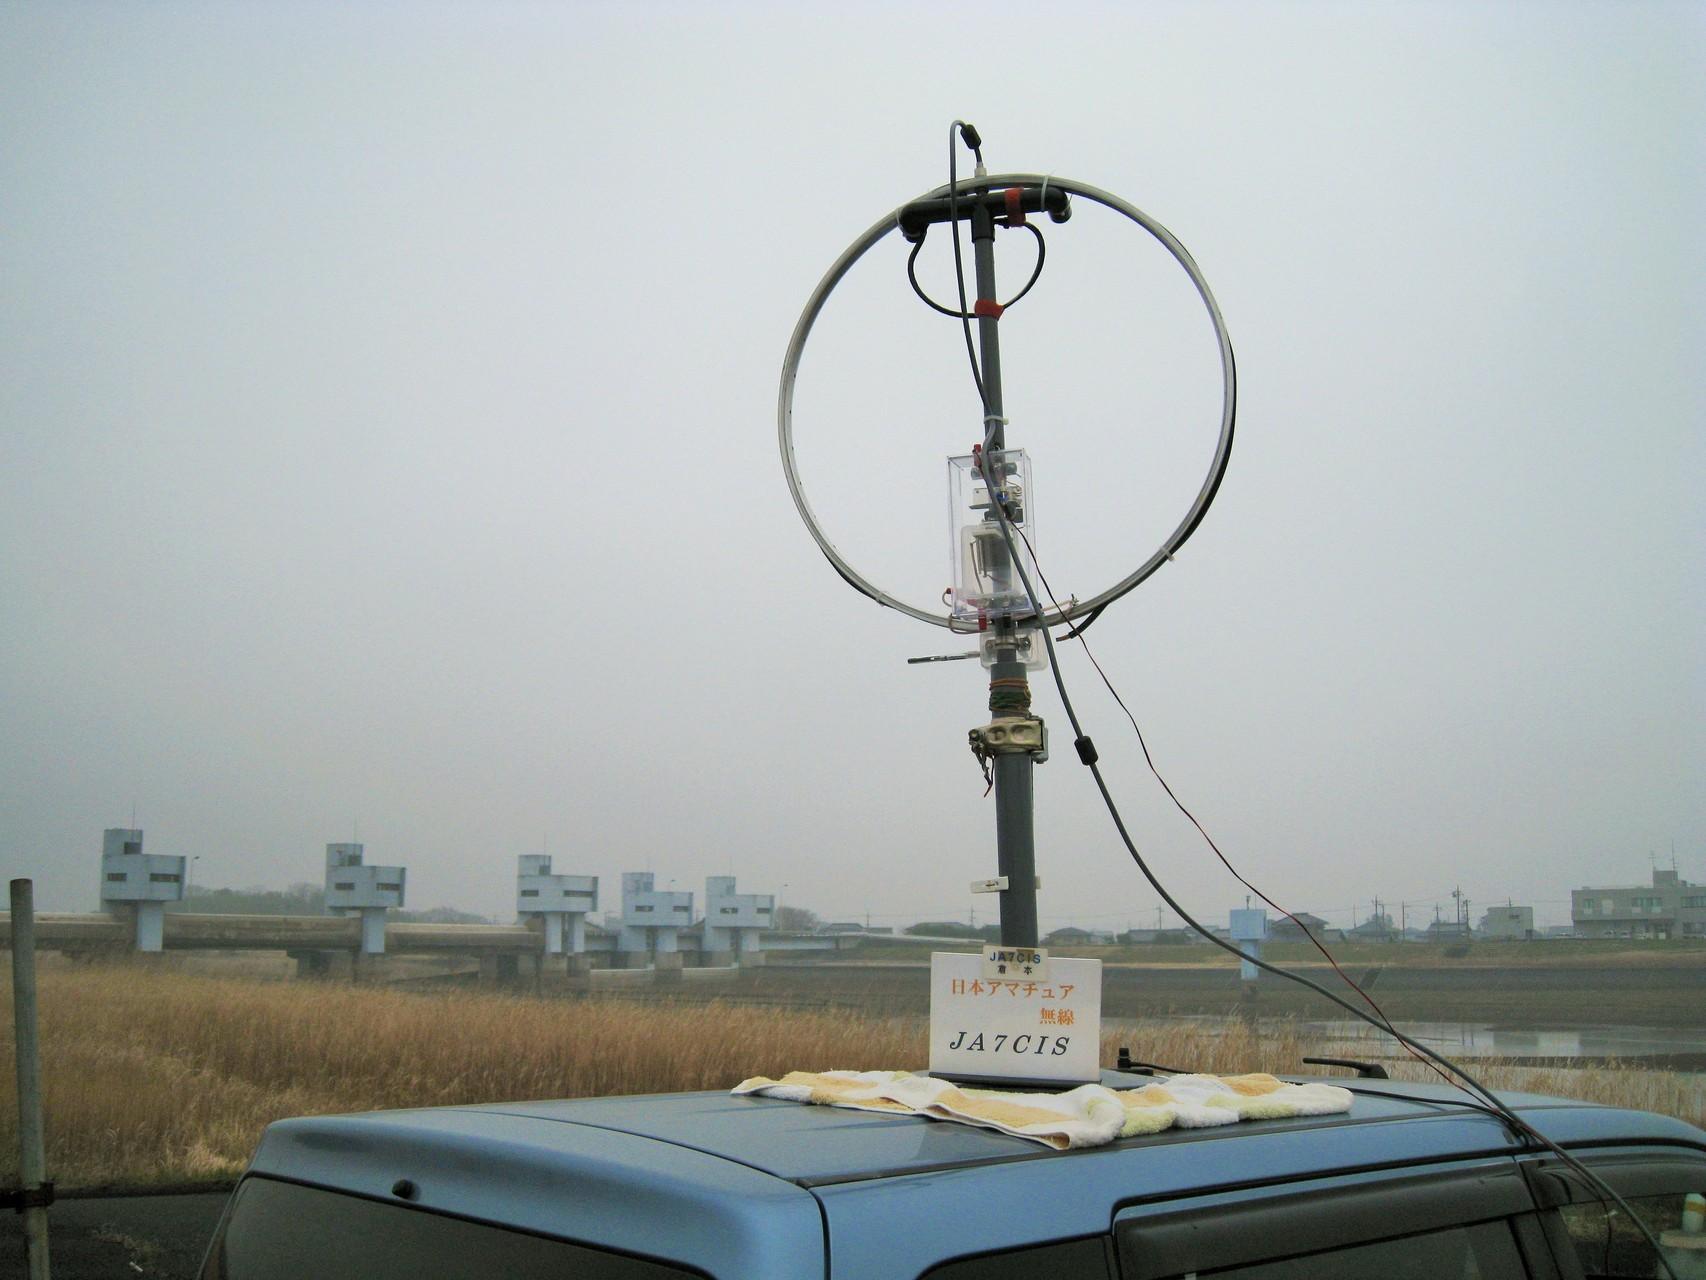 Φ直径65cmMLA(JK1IDV製作で当局が譲渡を受け、同調機構等の一部を変更いたしました。)で移動運用。